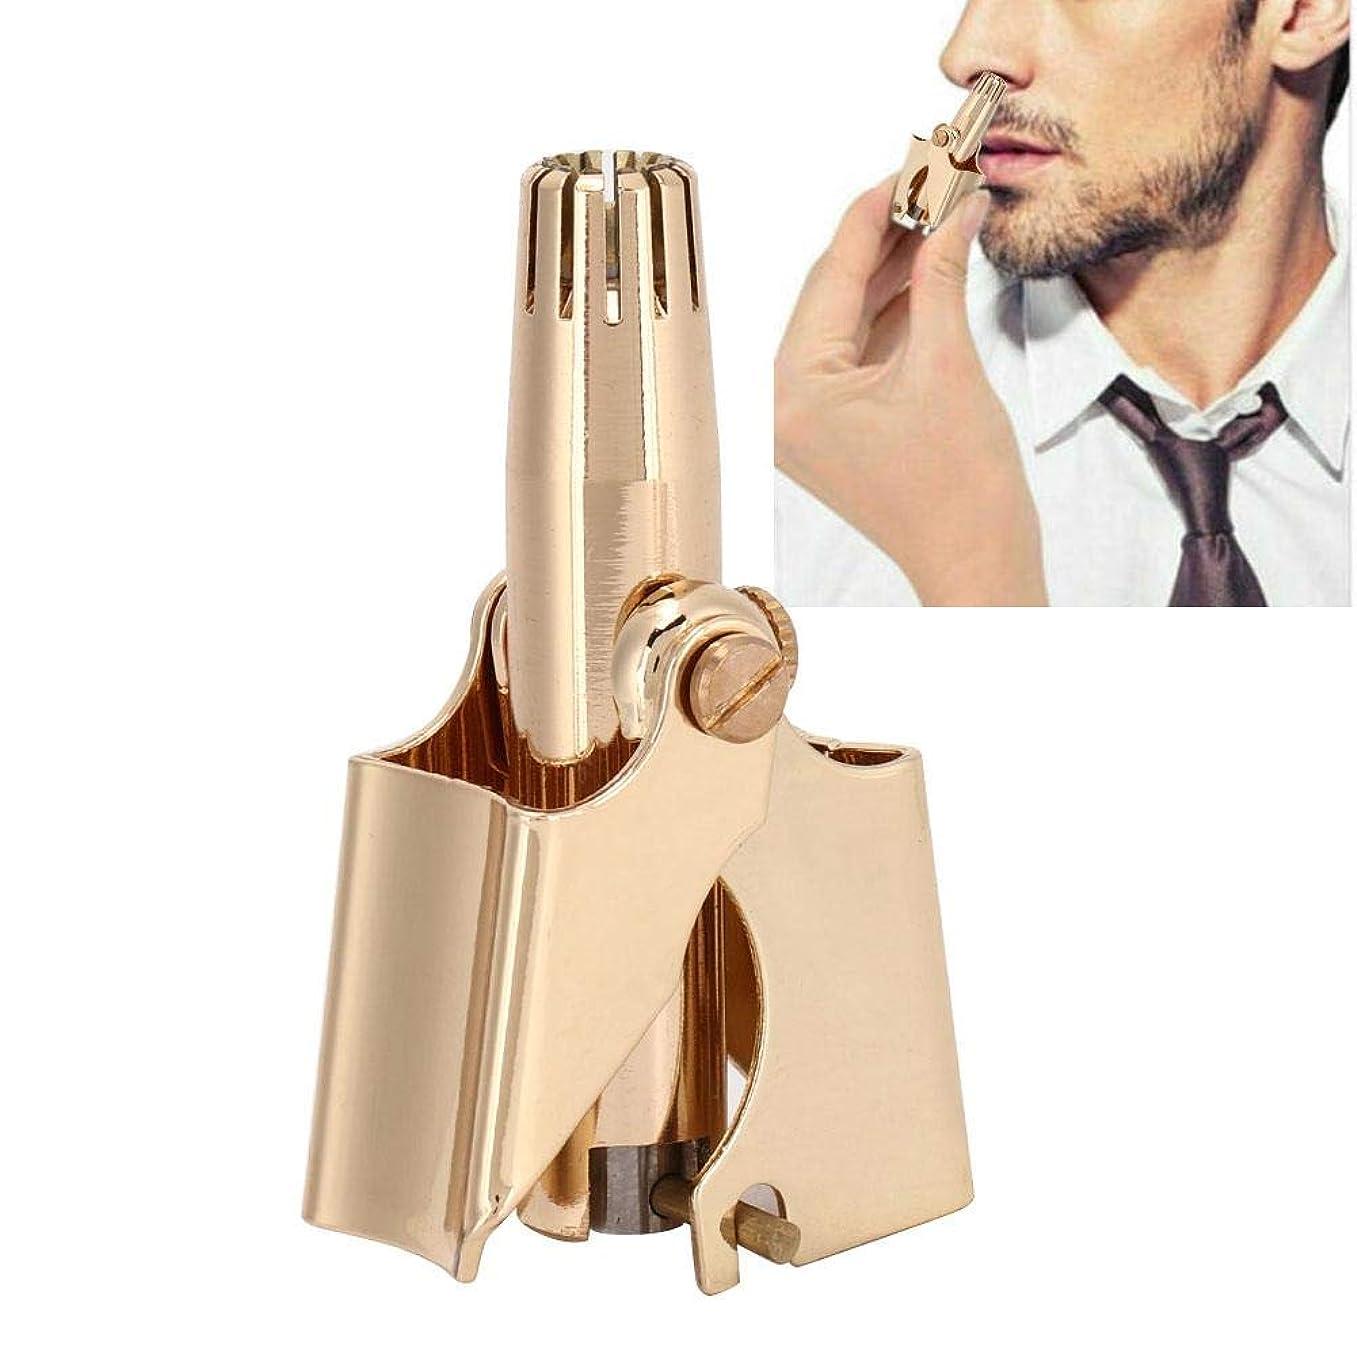 鷲圧力つぶす携帯用ステンレス鋼の耳の鼻の毛のトリマー(ゴールド)